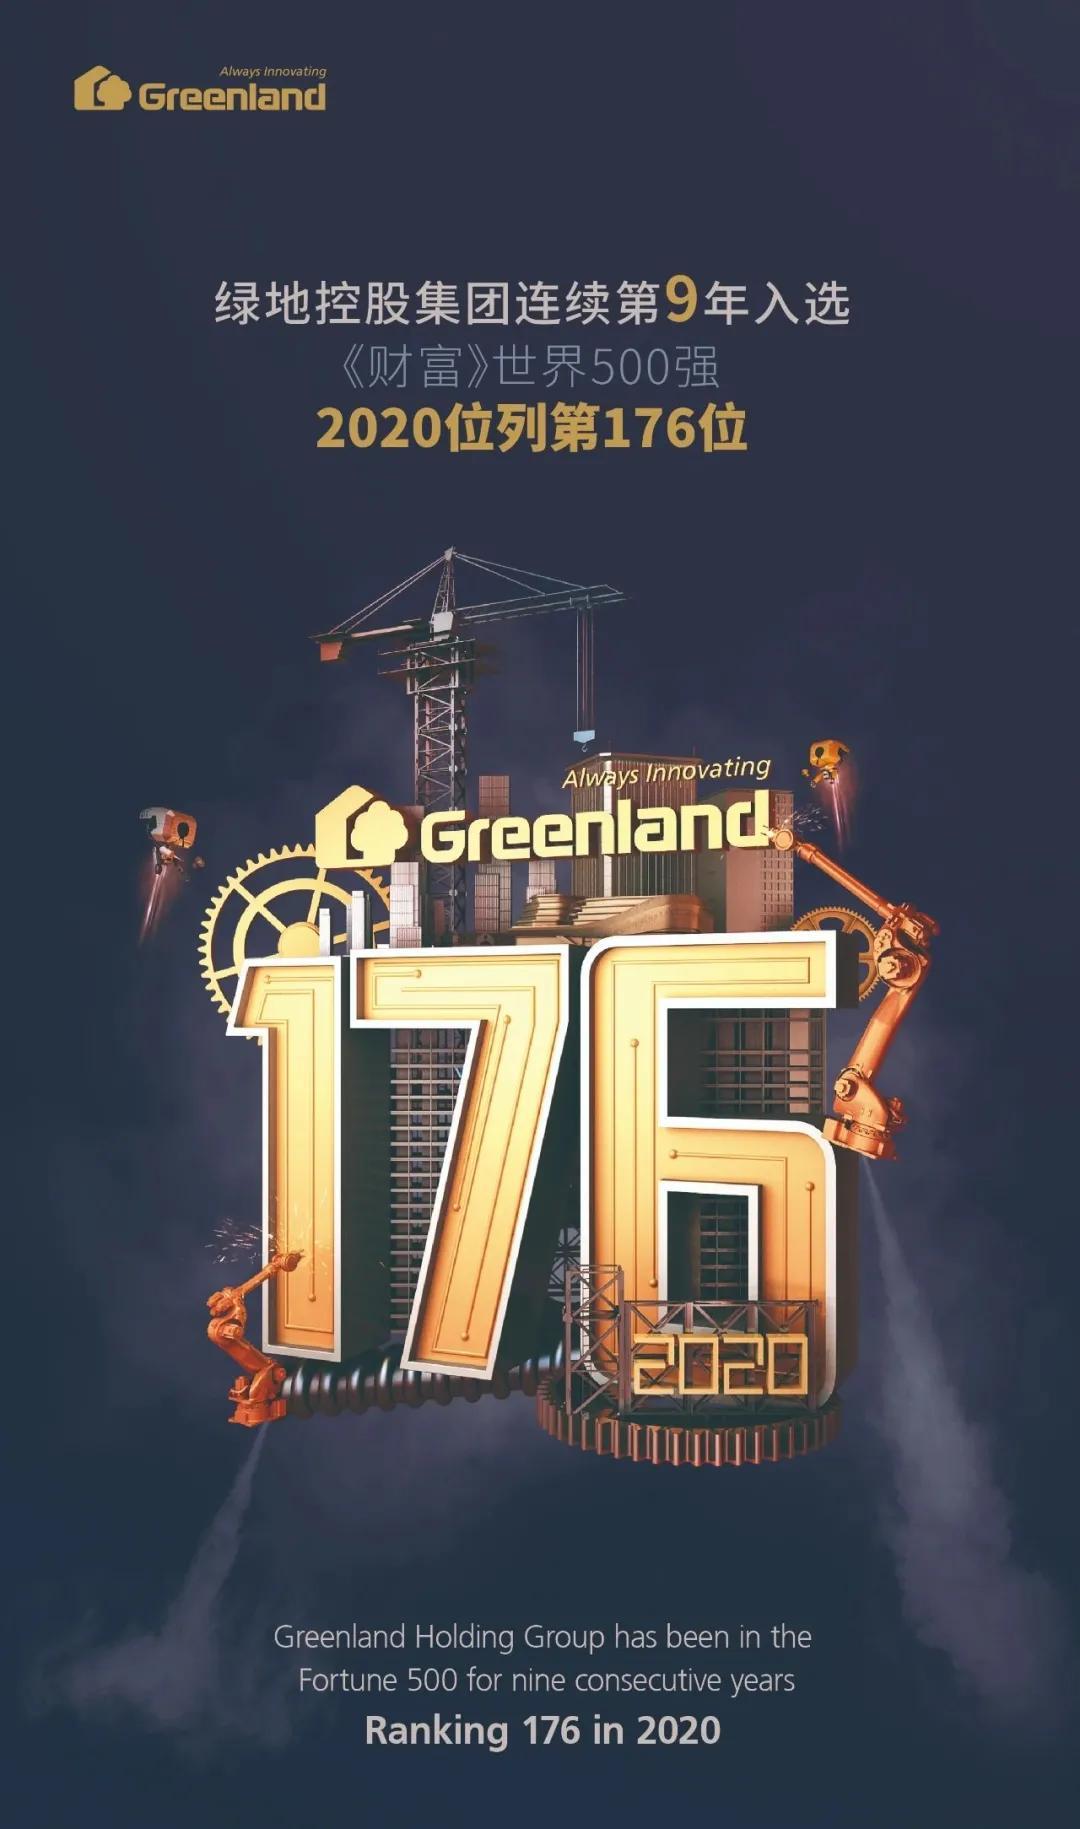 2020世界500强公布:绿地集团位列第176位~跃升26位!